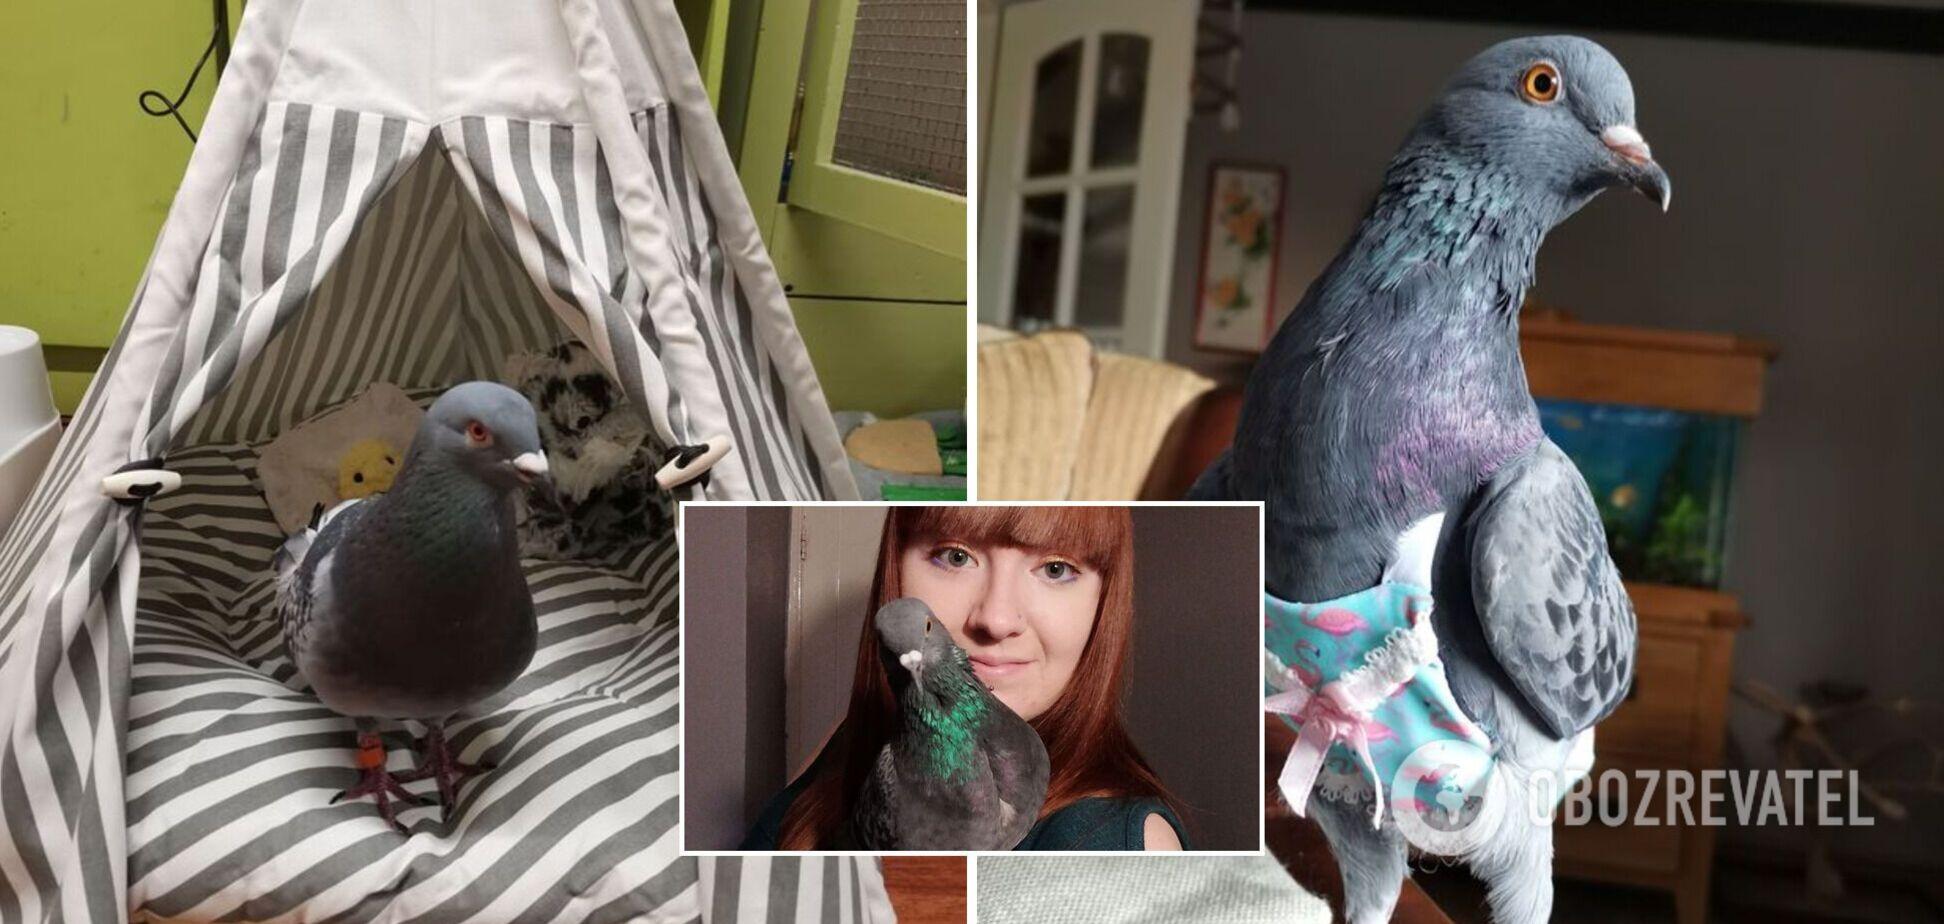 Коляски для выгула и костюмы: англичанка тратит по 4 тысячи фунтов в год на своих голубей. Фото